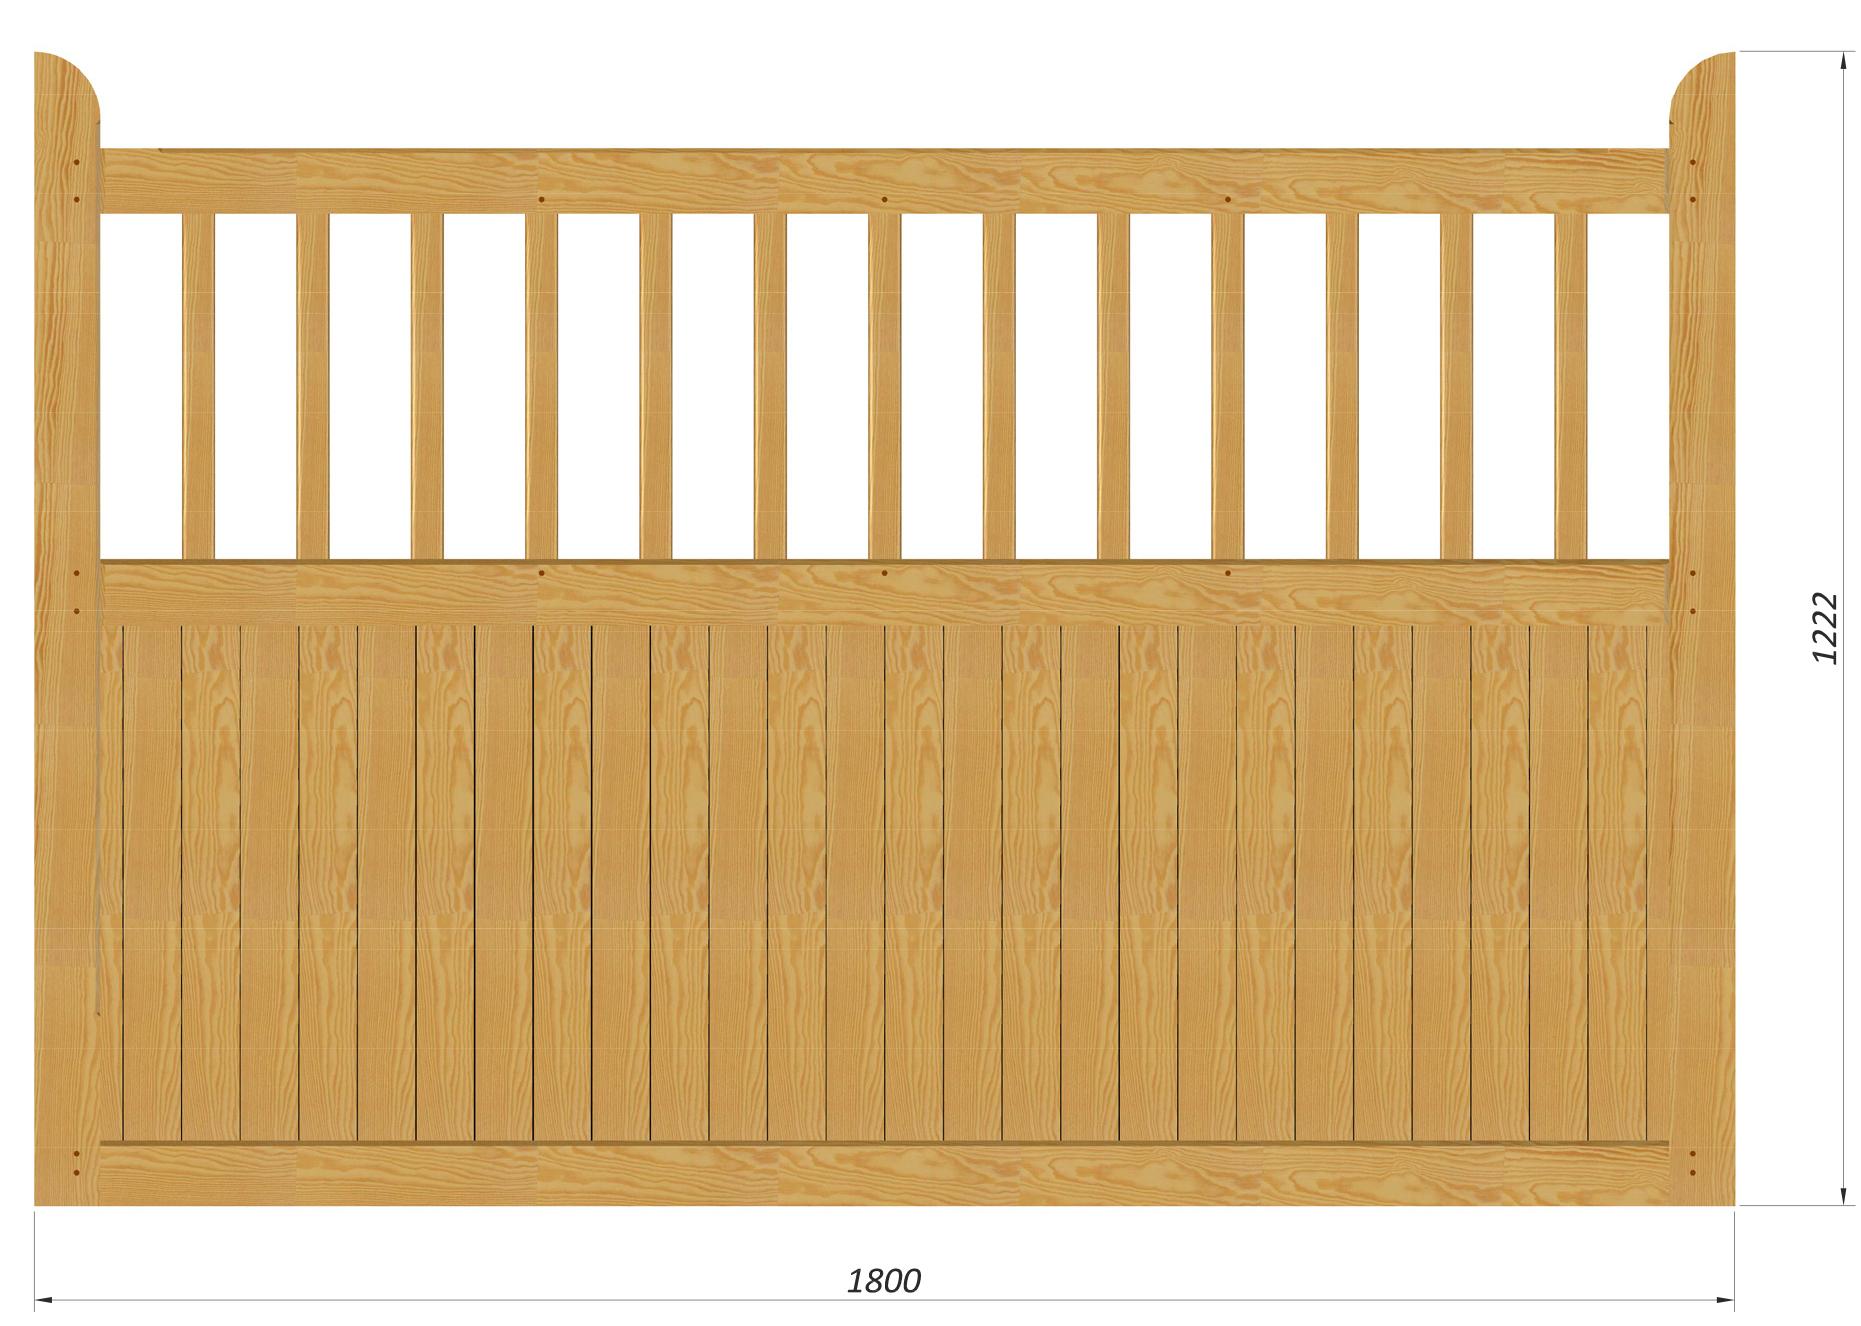 country garden stakit 180 cm ekstra solidt hegn i tr. Black Bedroom Furniture Sets. Home Design Ideas